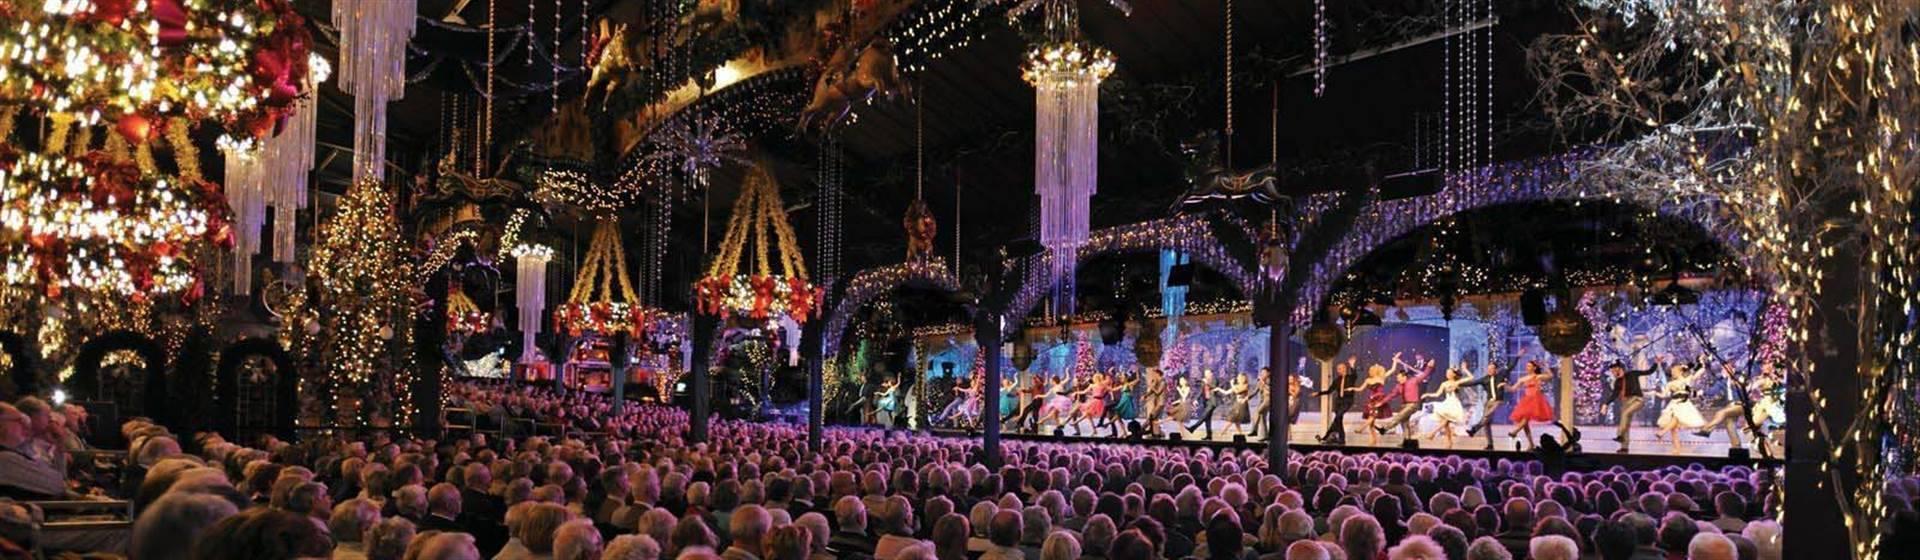 Shows & Festivals